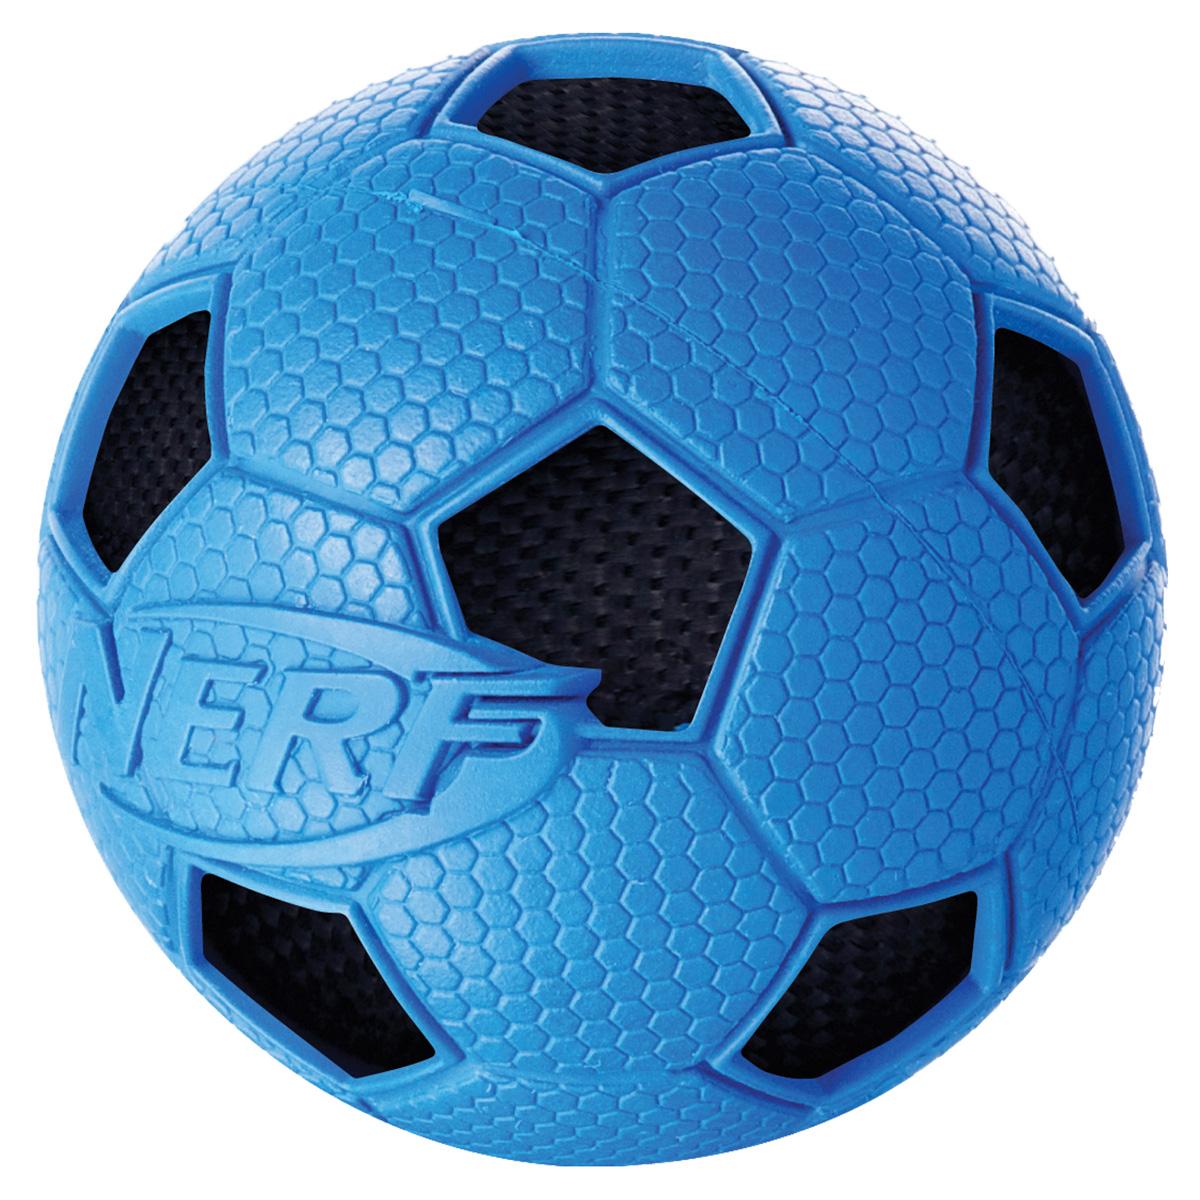 Игрушка для собак Nerf Мяч футбольный, диаметр 7,5 см22323Мяч с рельефным рисунком и нейлоновым хрустящим мячом внутри! Высококачественные прочные материалы, из которых изготовлена игрушка, обеспечивают долговечность использования! Звук мяча дополнительно увлекает собаку игрой! Яркие привлекательные цвета! Игрушки Nerf Dog представлены в различных сериях в зависимости от рисунка, фактуры и материала, из которого они изготовлены (резина, ТПР, нейлон, пластик, каучук). Размер: 7,5 см, M.